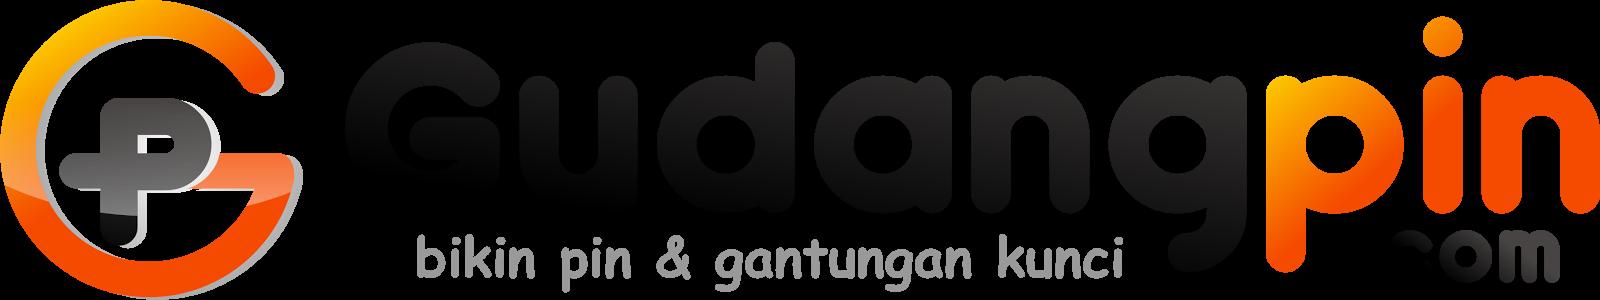 Gudangpin.com | WA: 0878.3937.8000 | Jual Pin Murah | Bikin Pin Murah | Cetak Pin Murah